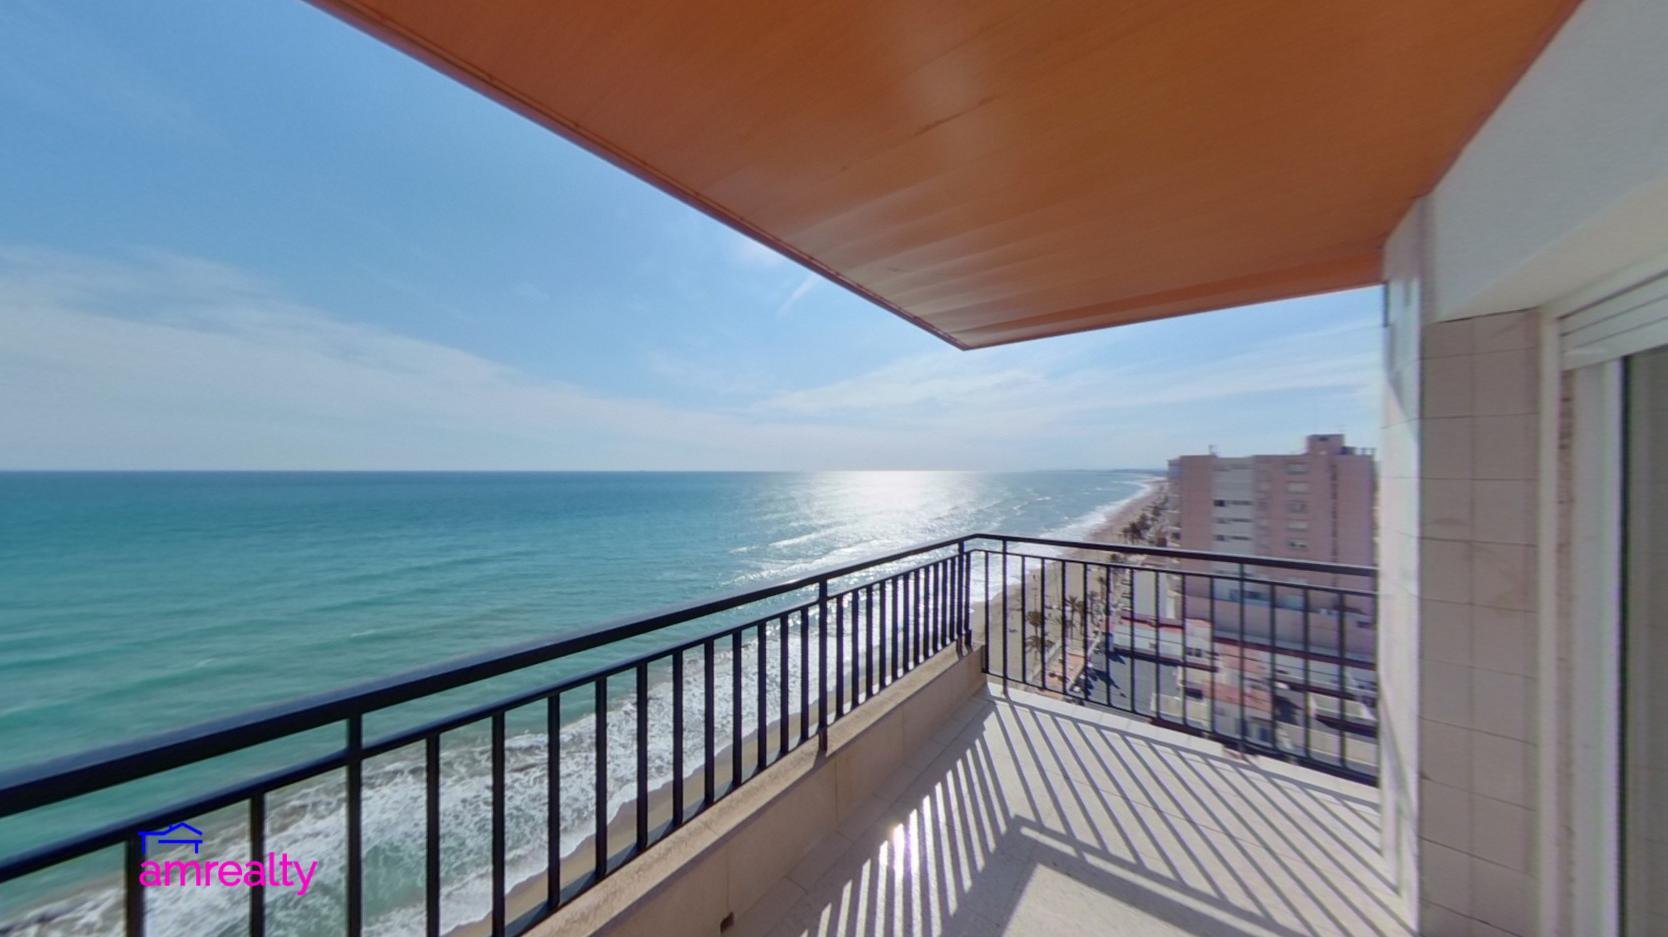 Magnífico piso planta catorce frente al mar y la playa, en la Torre Calafell